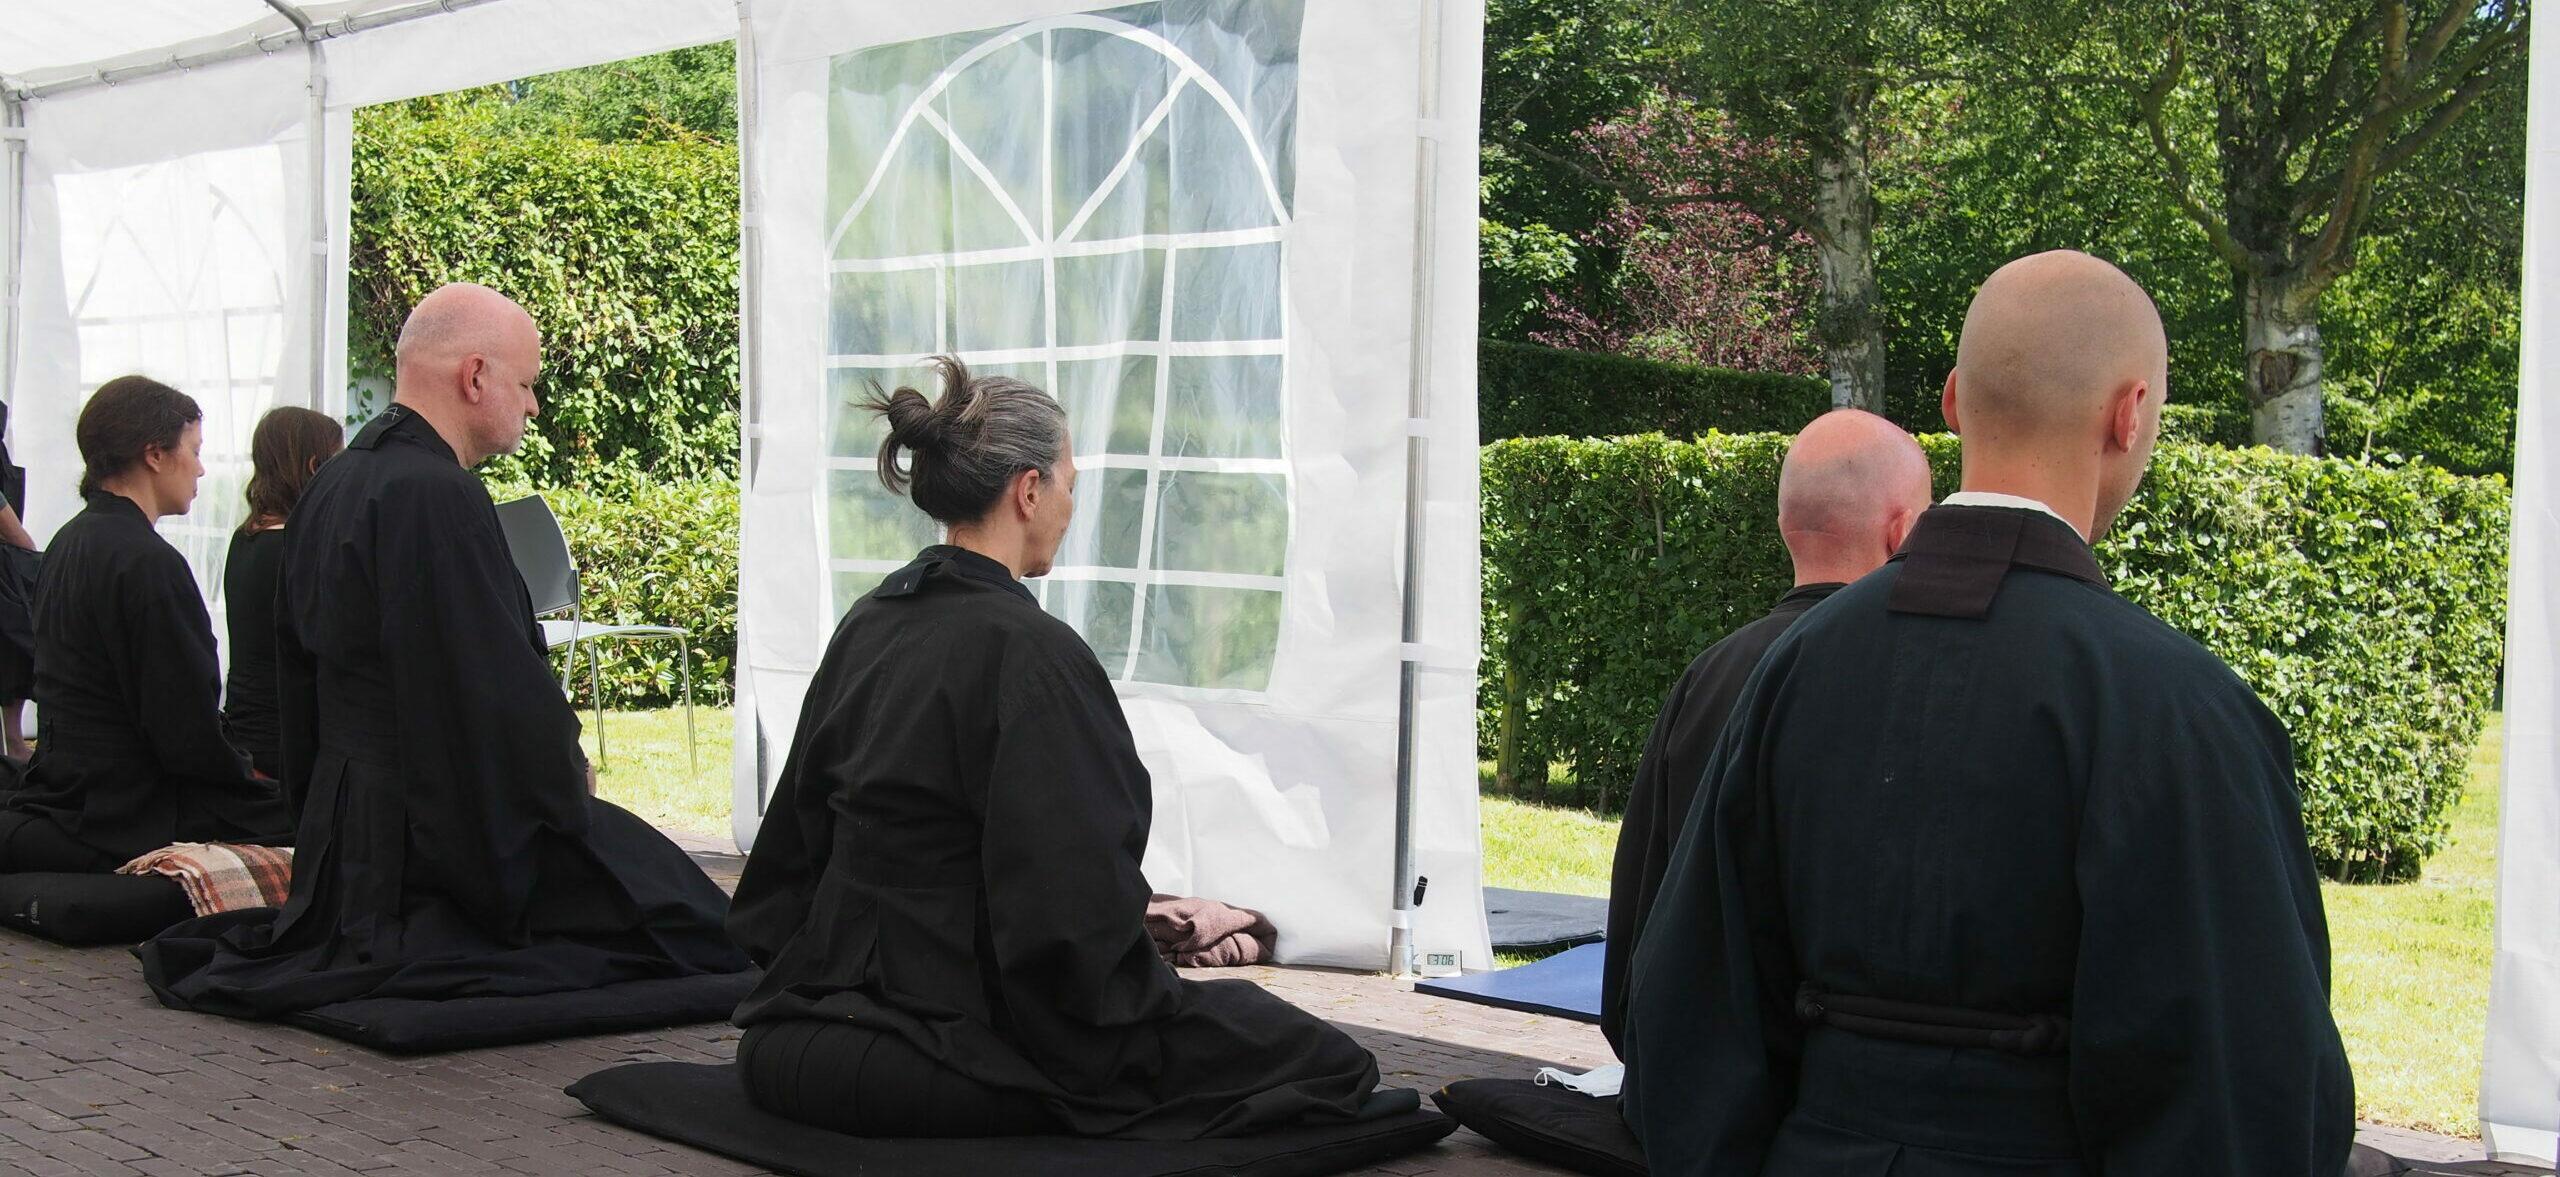 Meditatie In De Tent